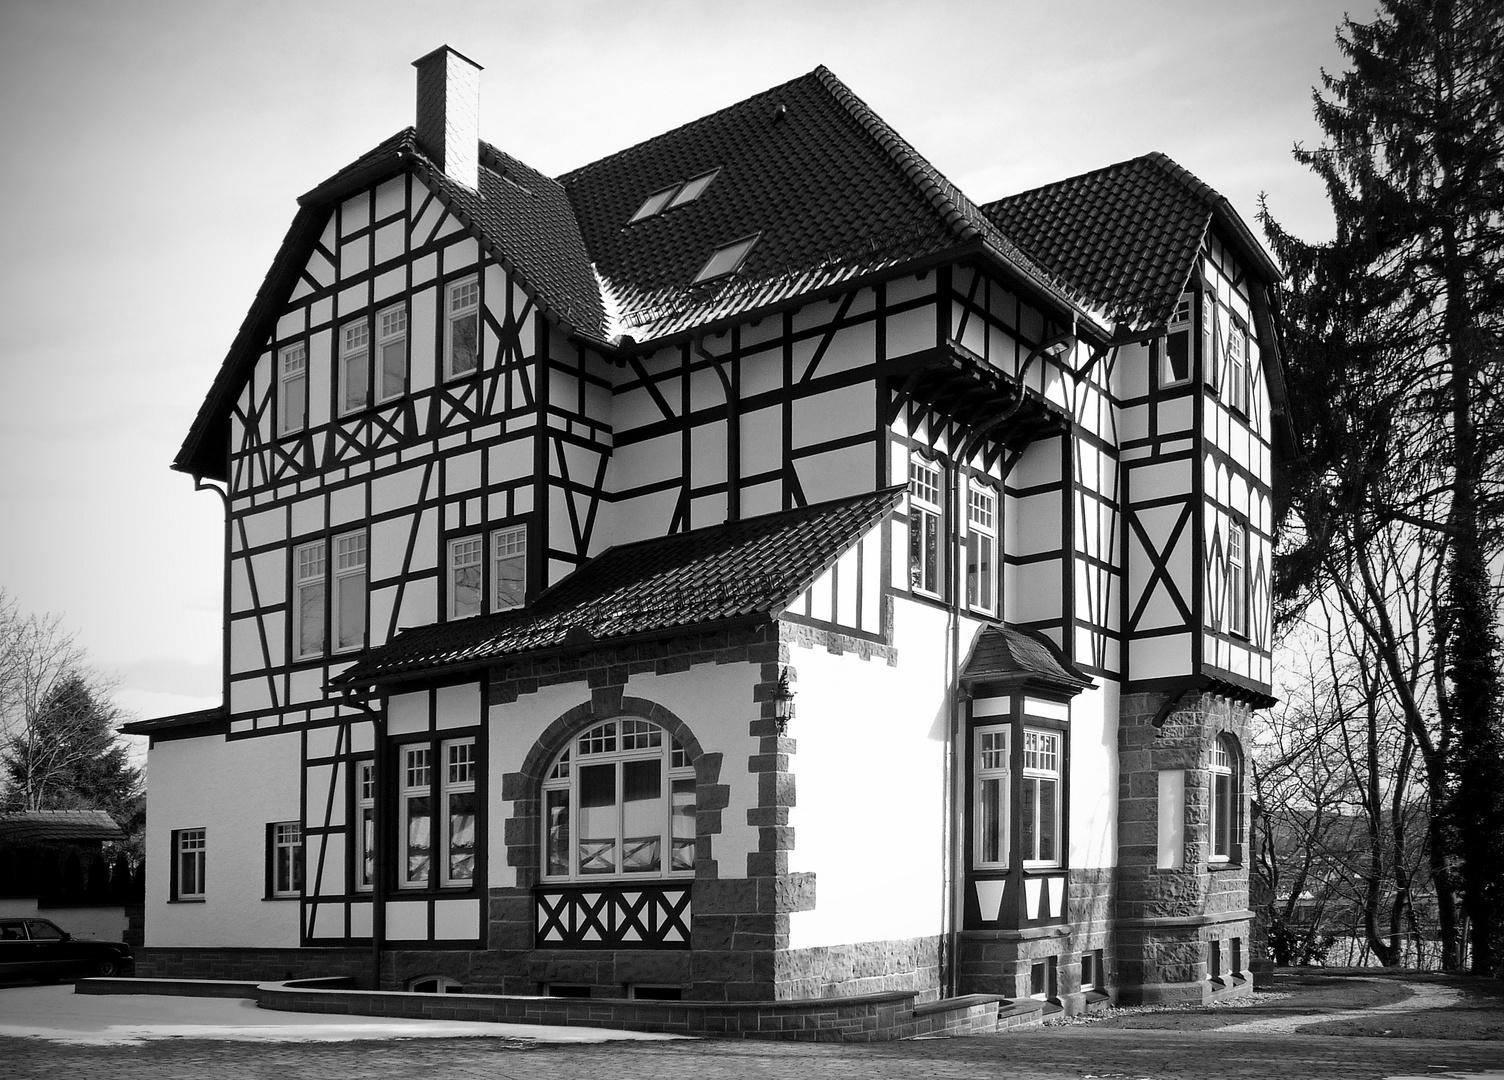 im fokus - architektur in schwarz/weiß